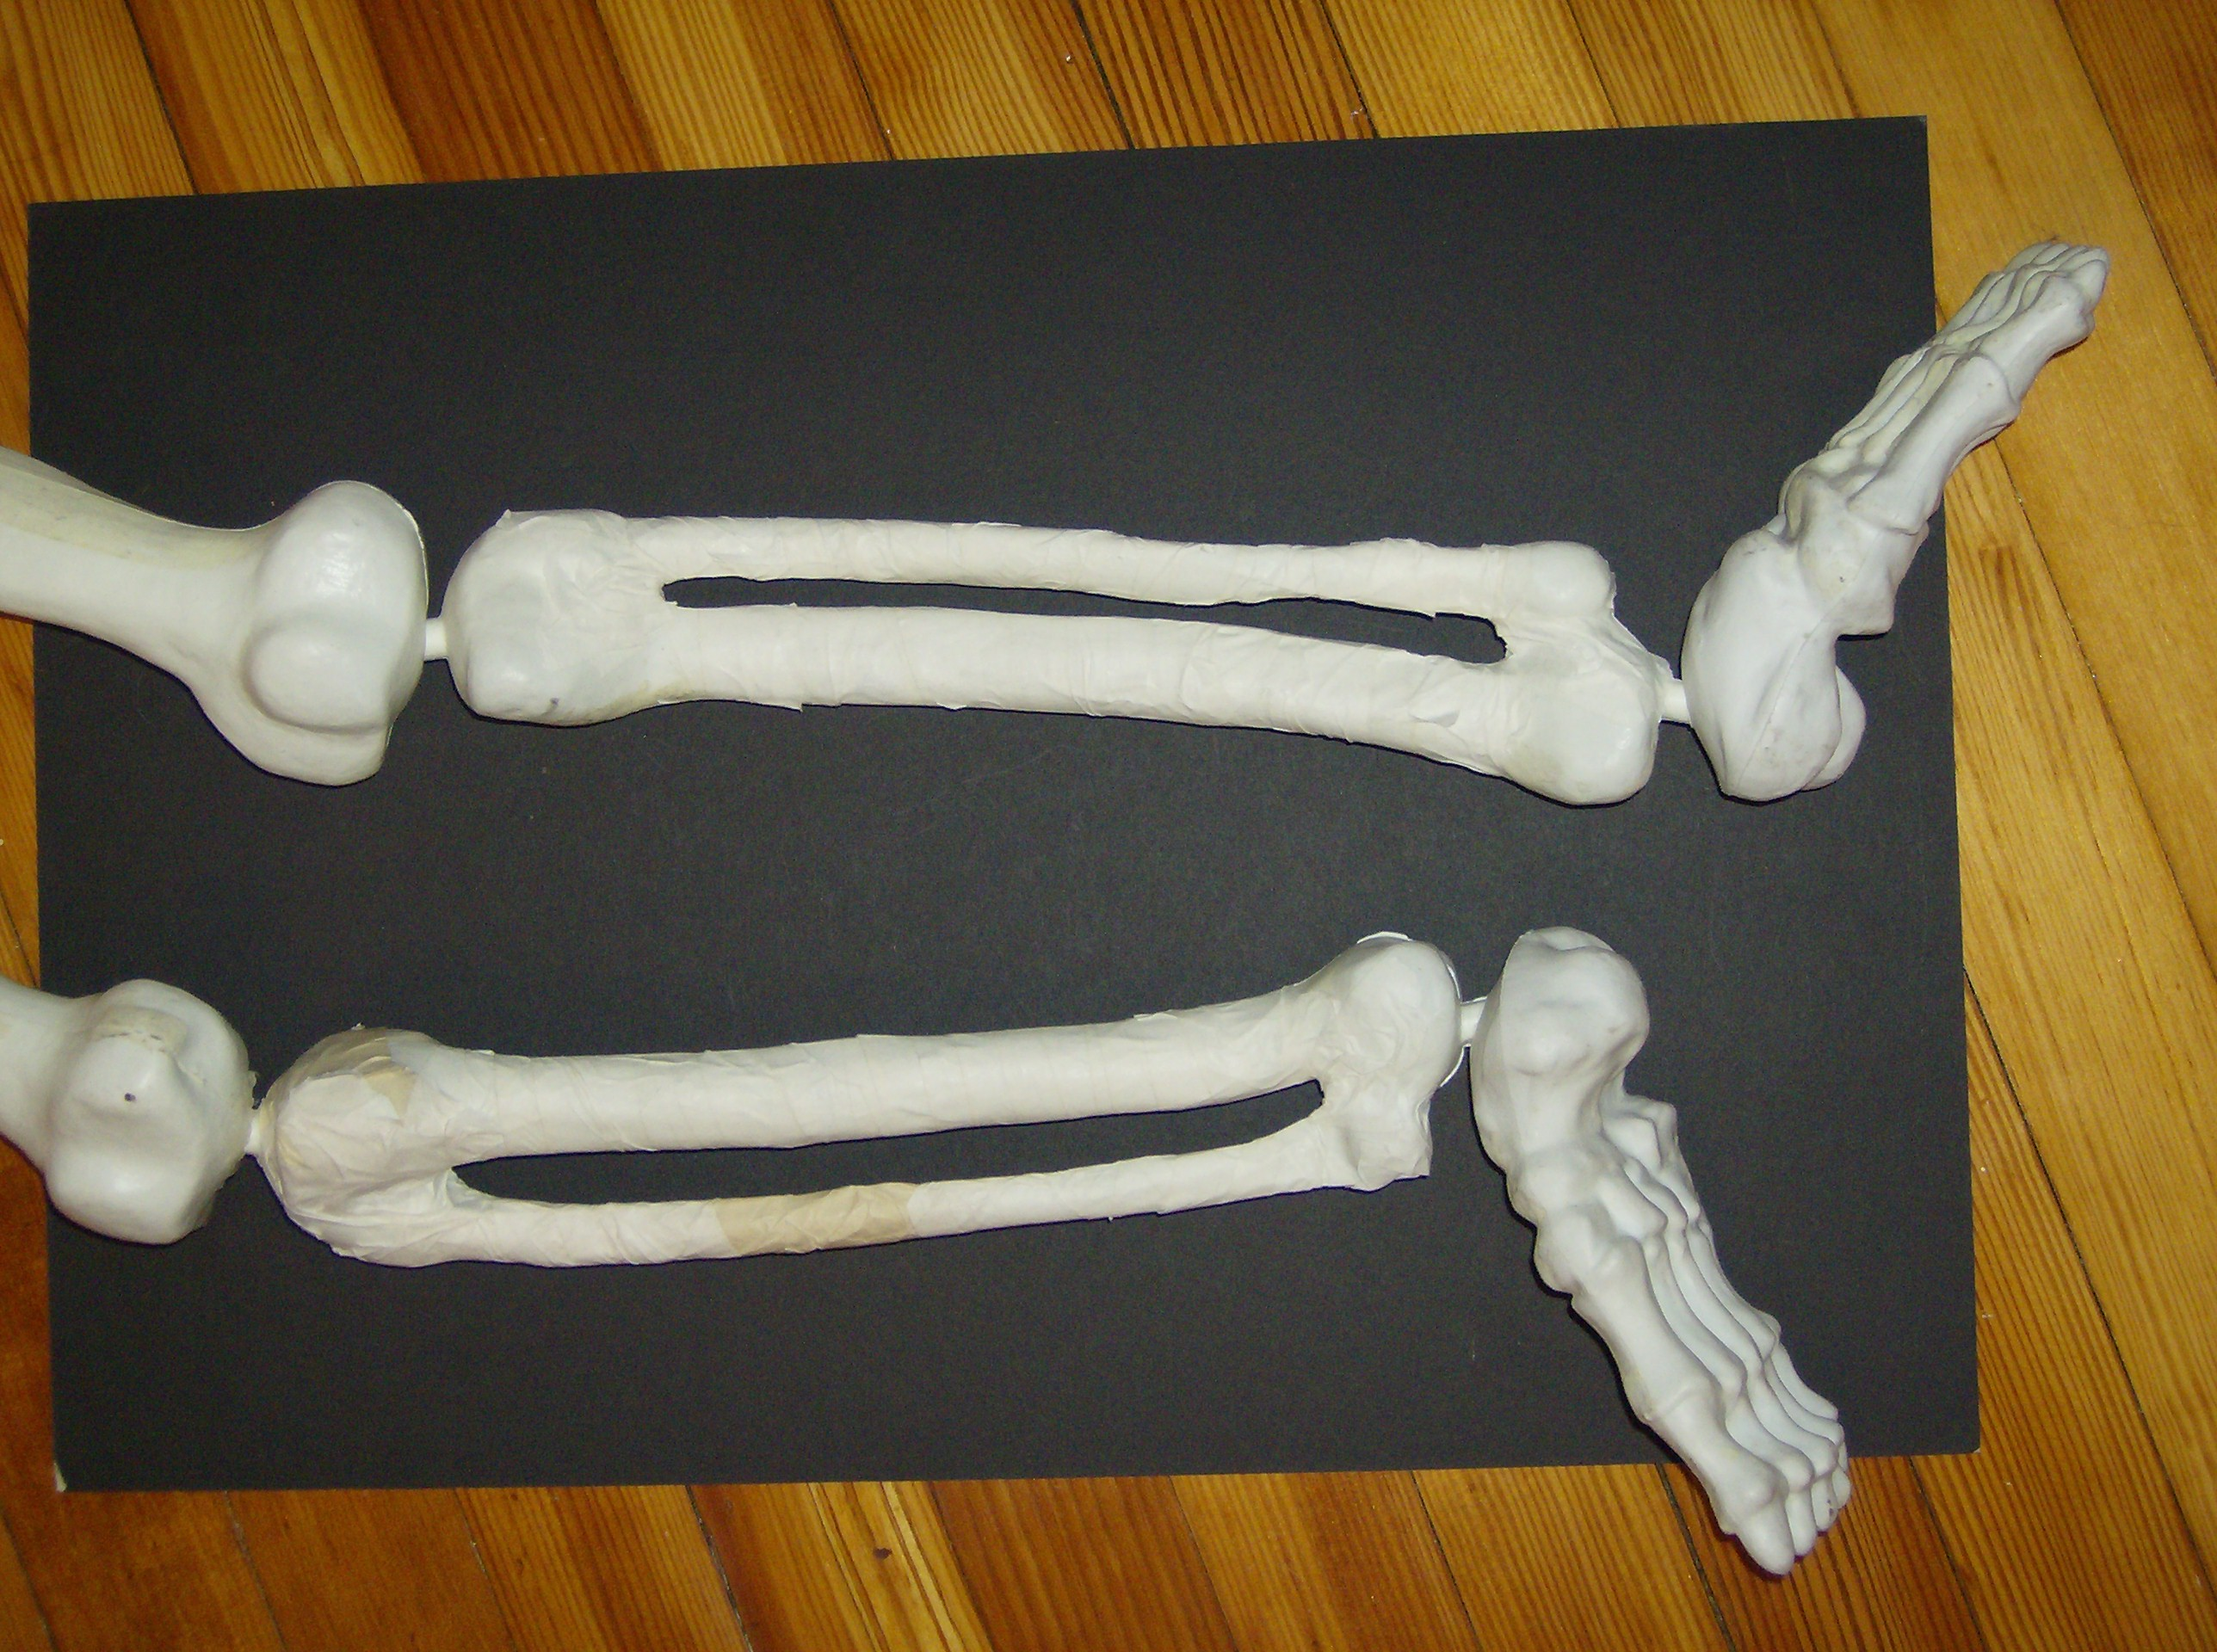 Bones In Upper Back Images | TheCelebrityPix